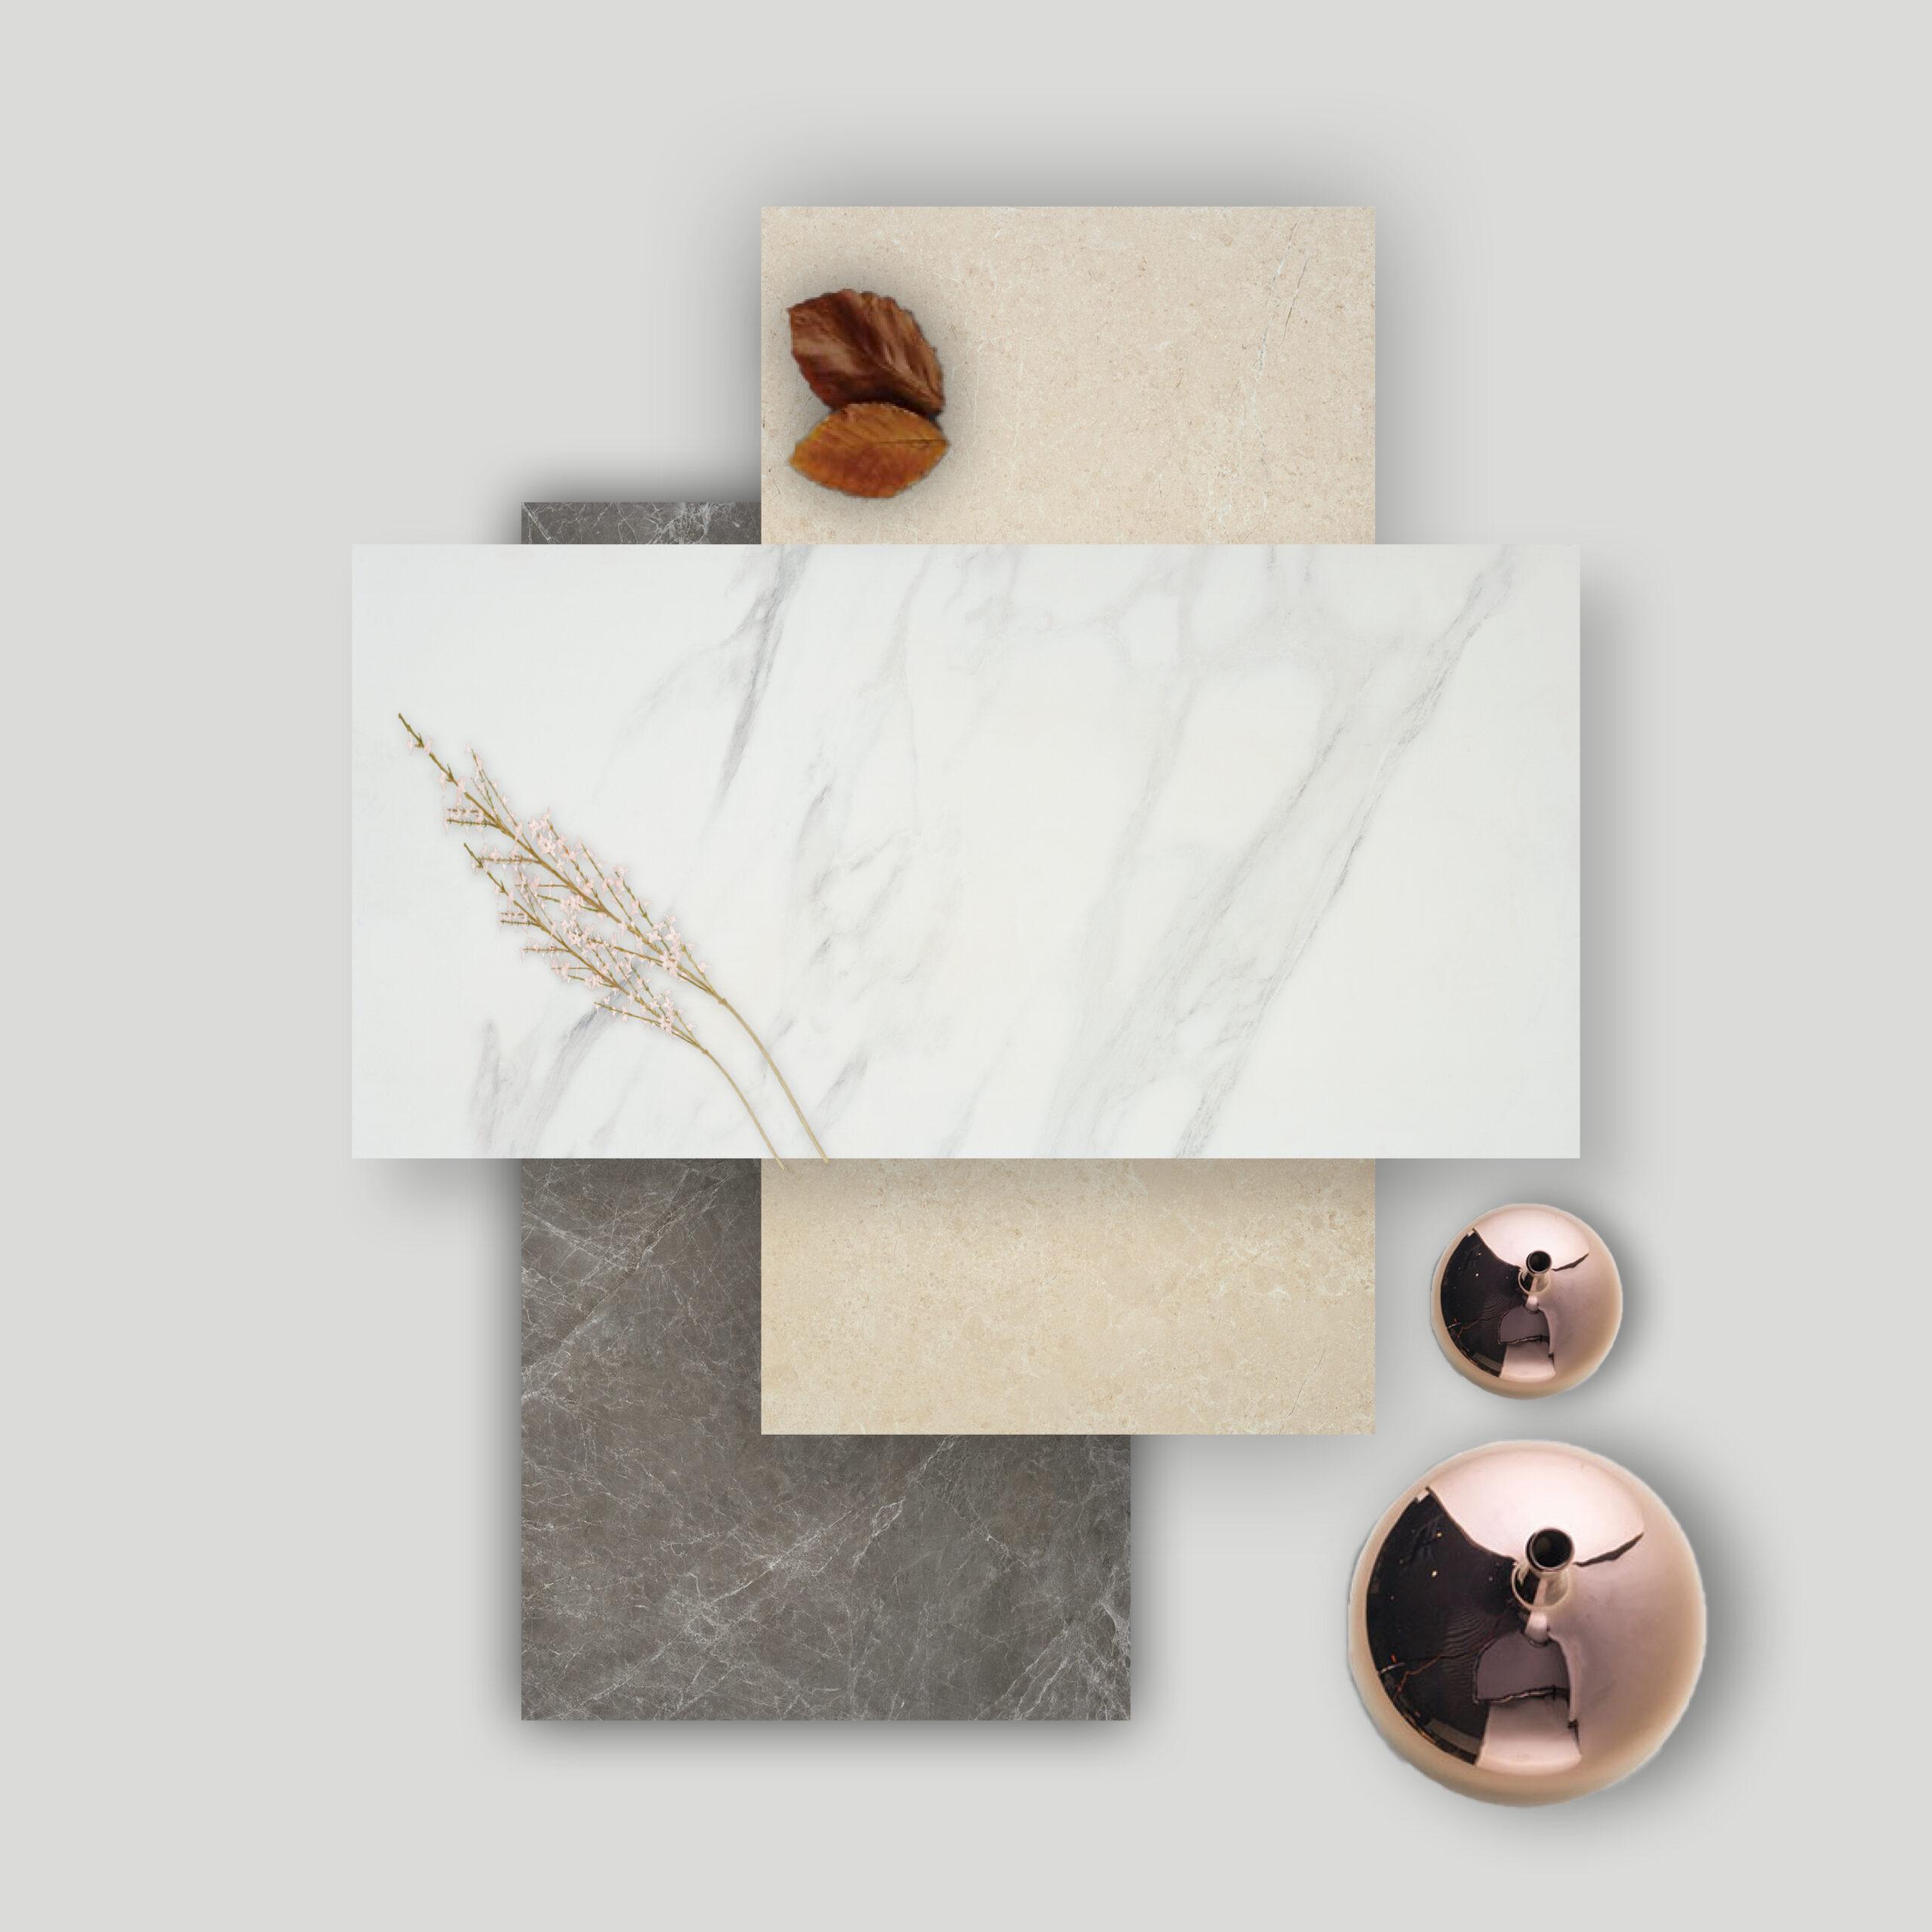 Moodboard de interiorismo con pisos cerámicos tipo mármol